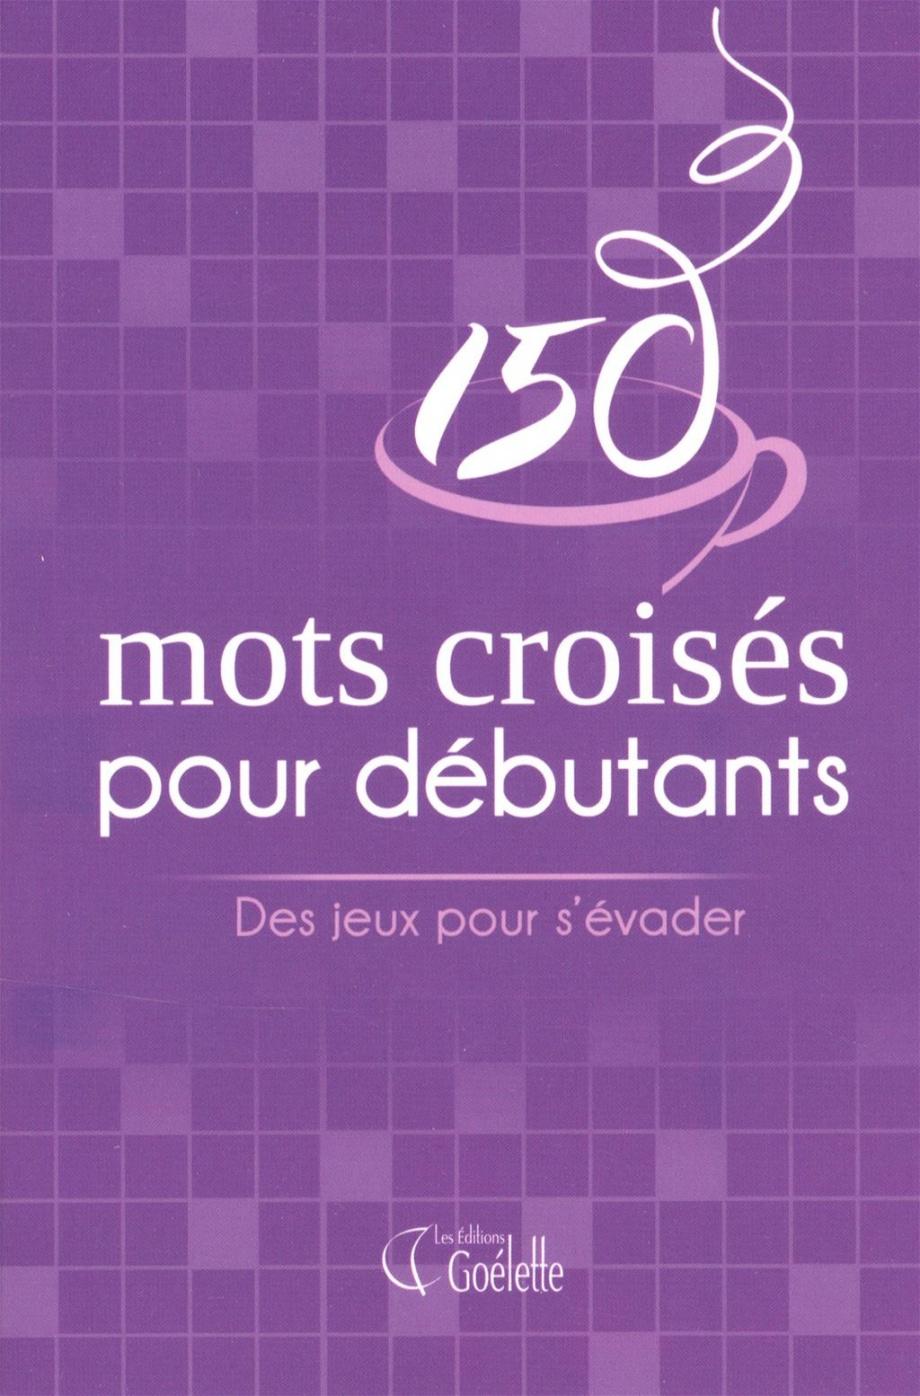 150 Mots Croisés Pour Débutants | Loisirs | Jeux De Lettres serapportantà Mots Croisés Faciles Pour Débutants